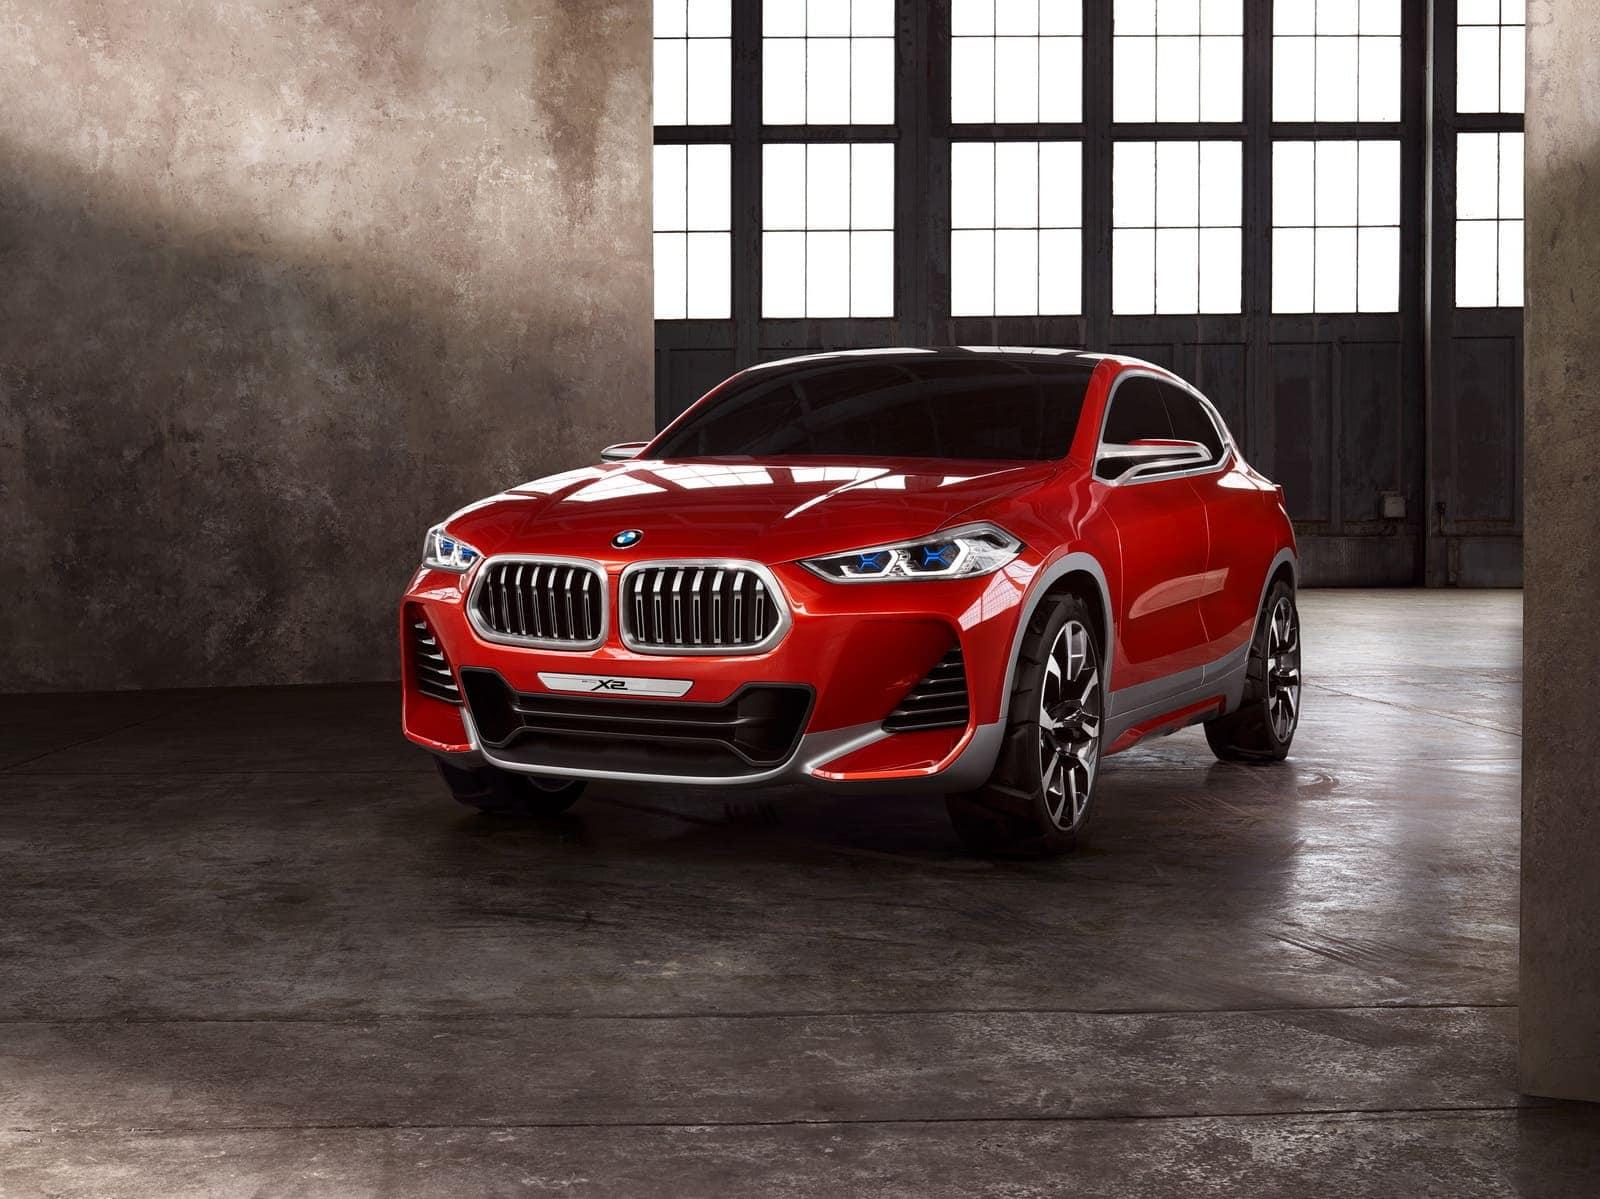 BMW X2 Concept, el elegante SUV presentado en el Salón del Automóvil de París con un diseño totalmente original